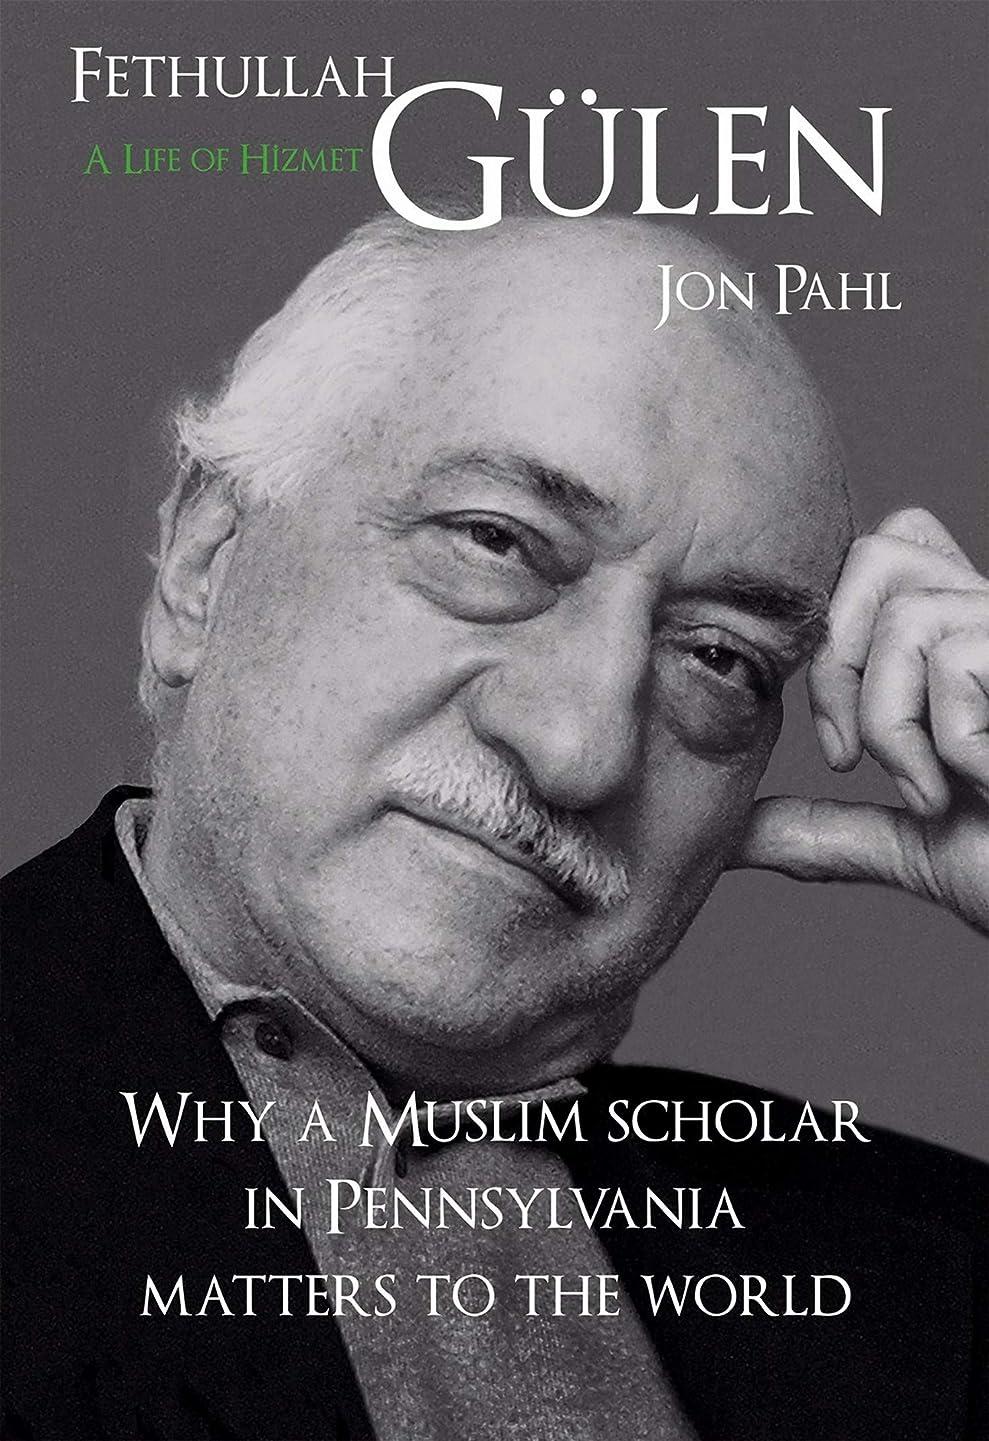 繰り返す規範レルムFethullah Gulen: A Life of Hizmet (English Edition)